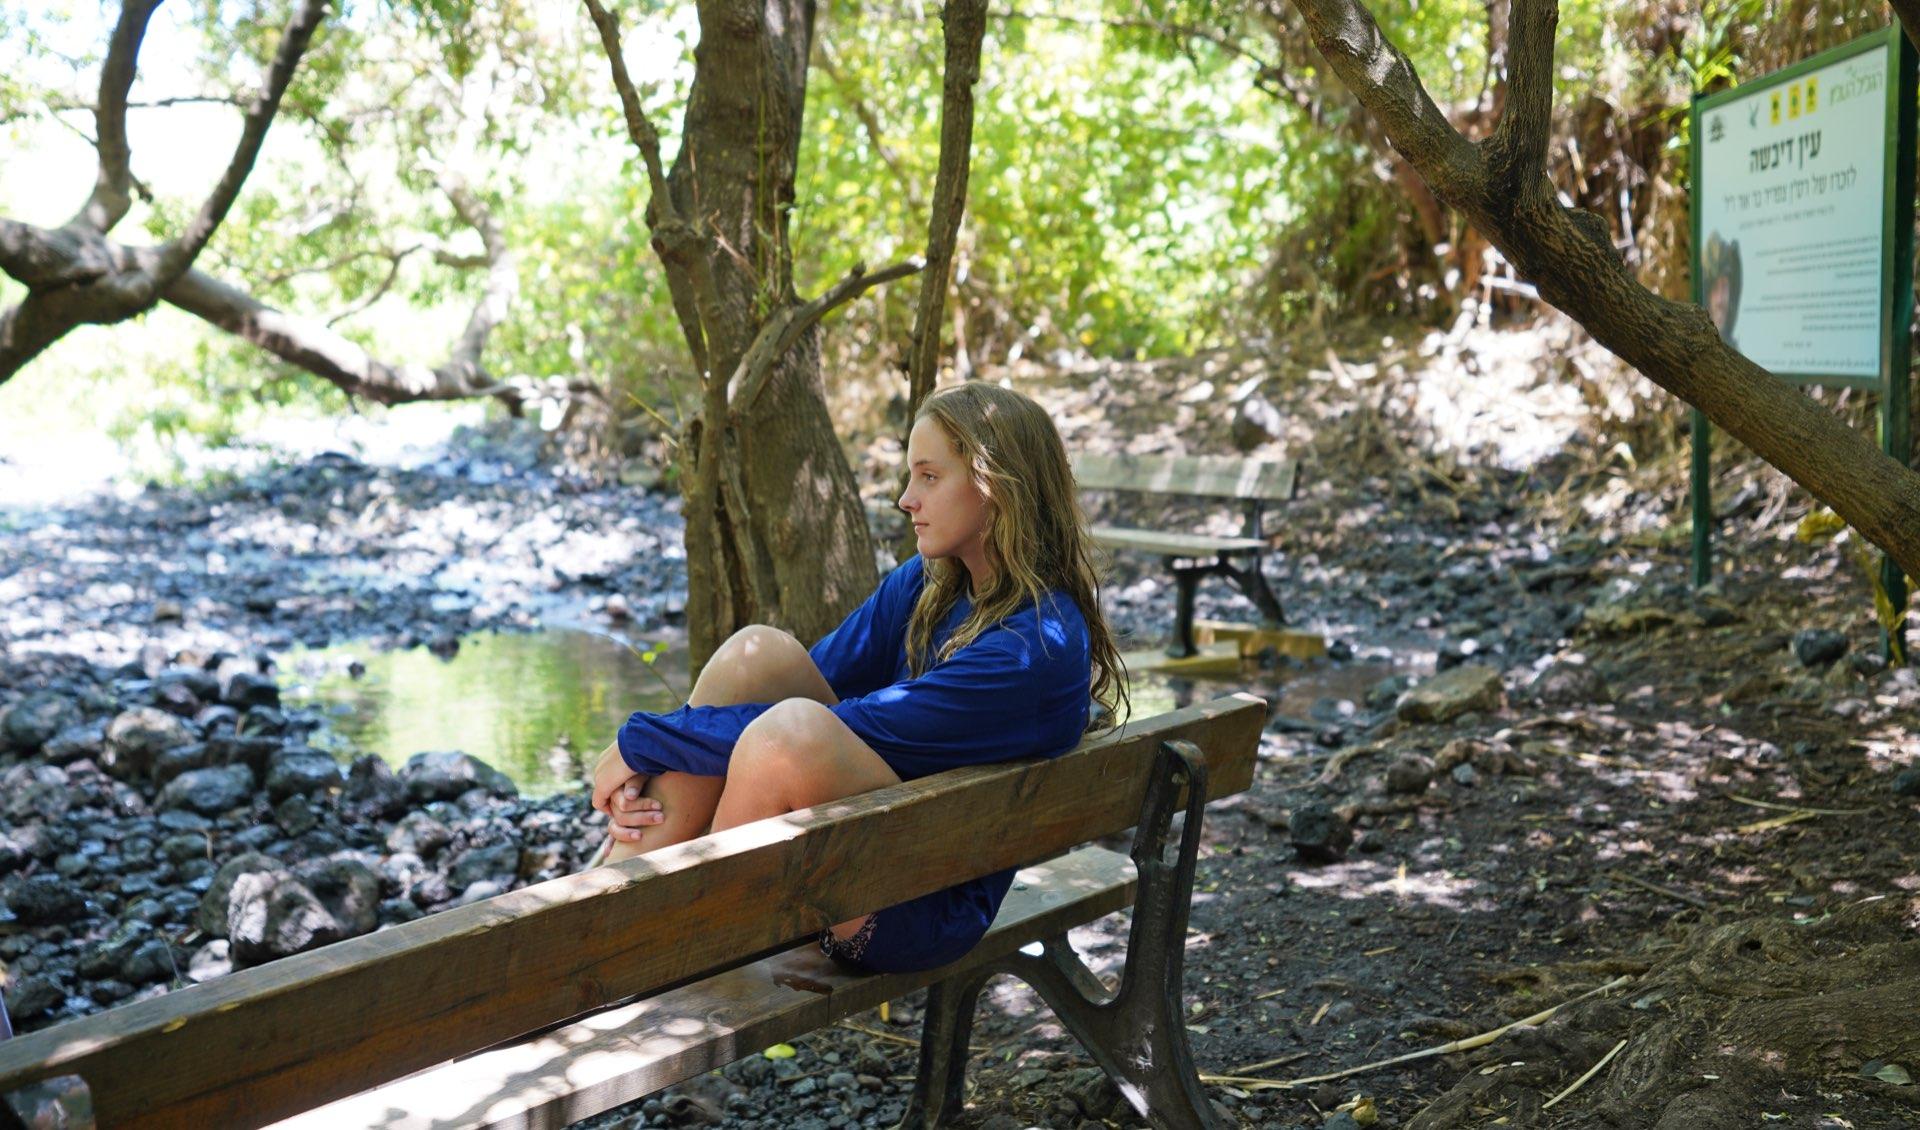 צעירה יושבת על ספסל בעין דבשה. צילום: יובל דקס